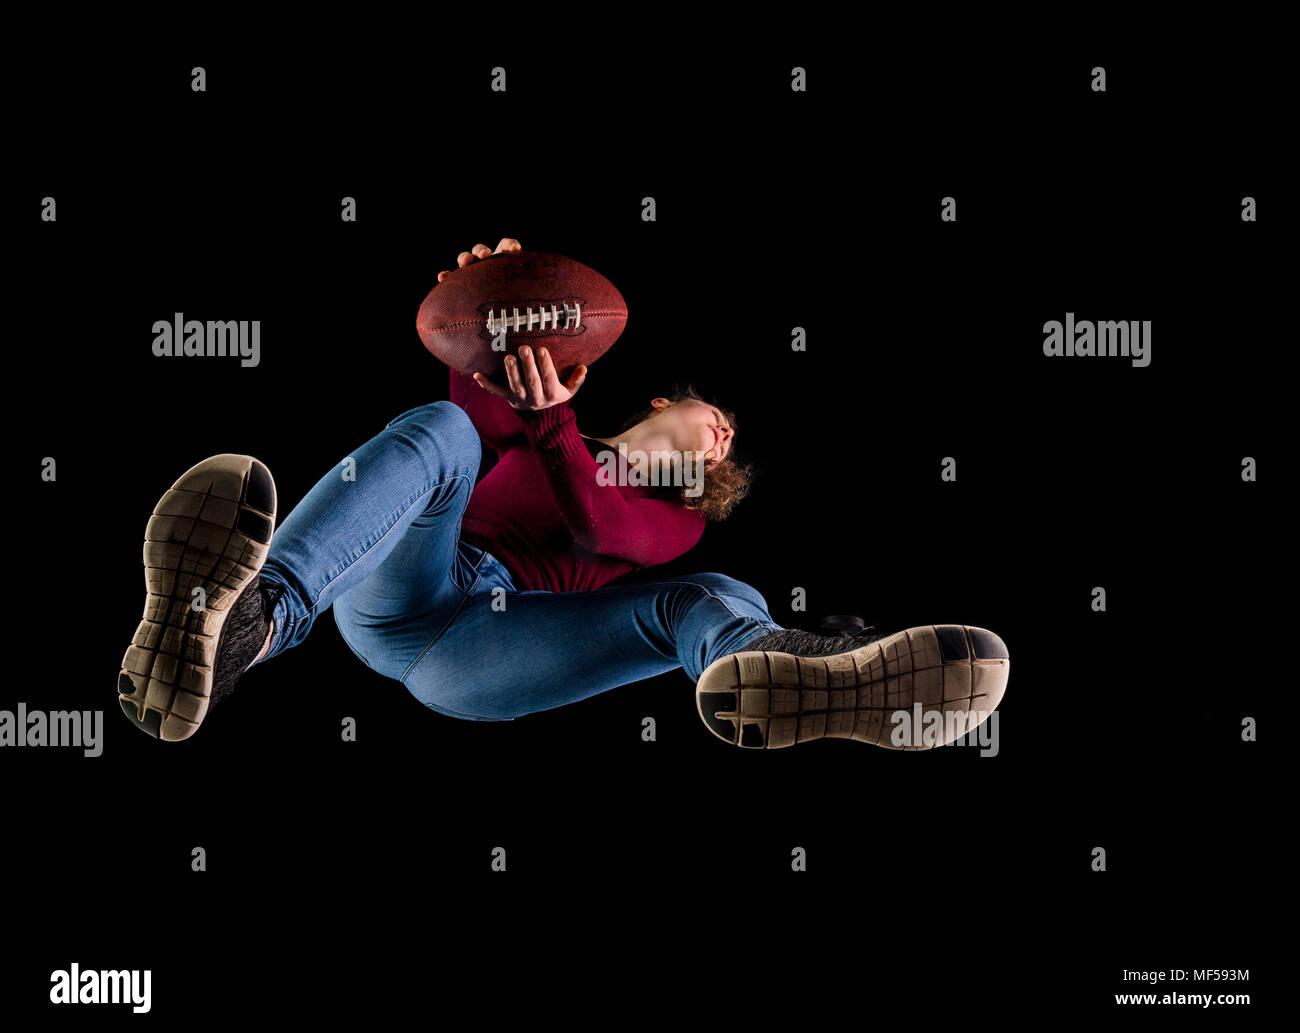 Giocatore di Rugby contro lo sfondo nero visto da sotto Immagini Stock